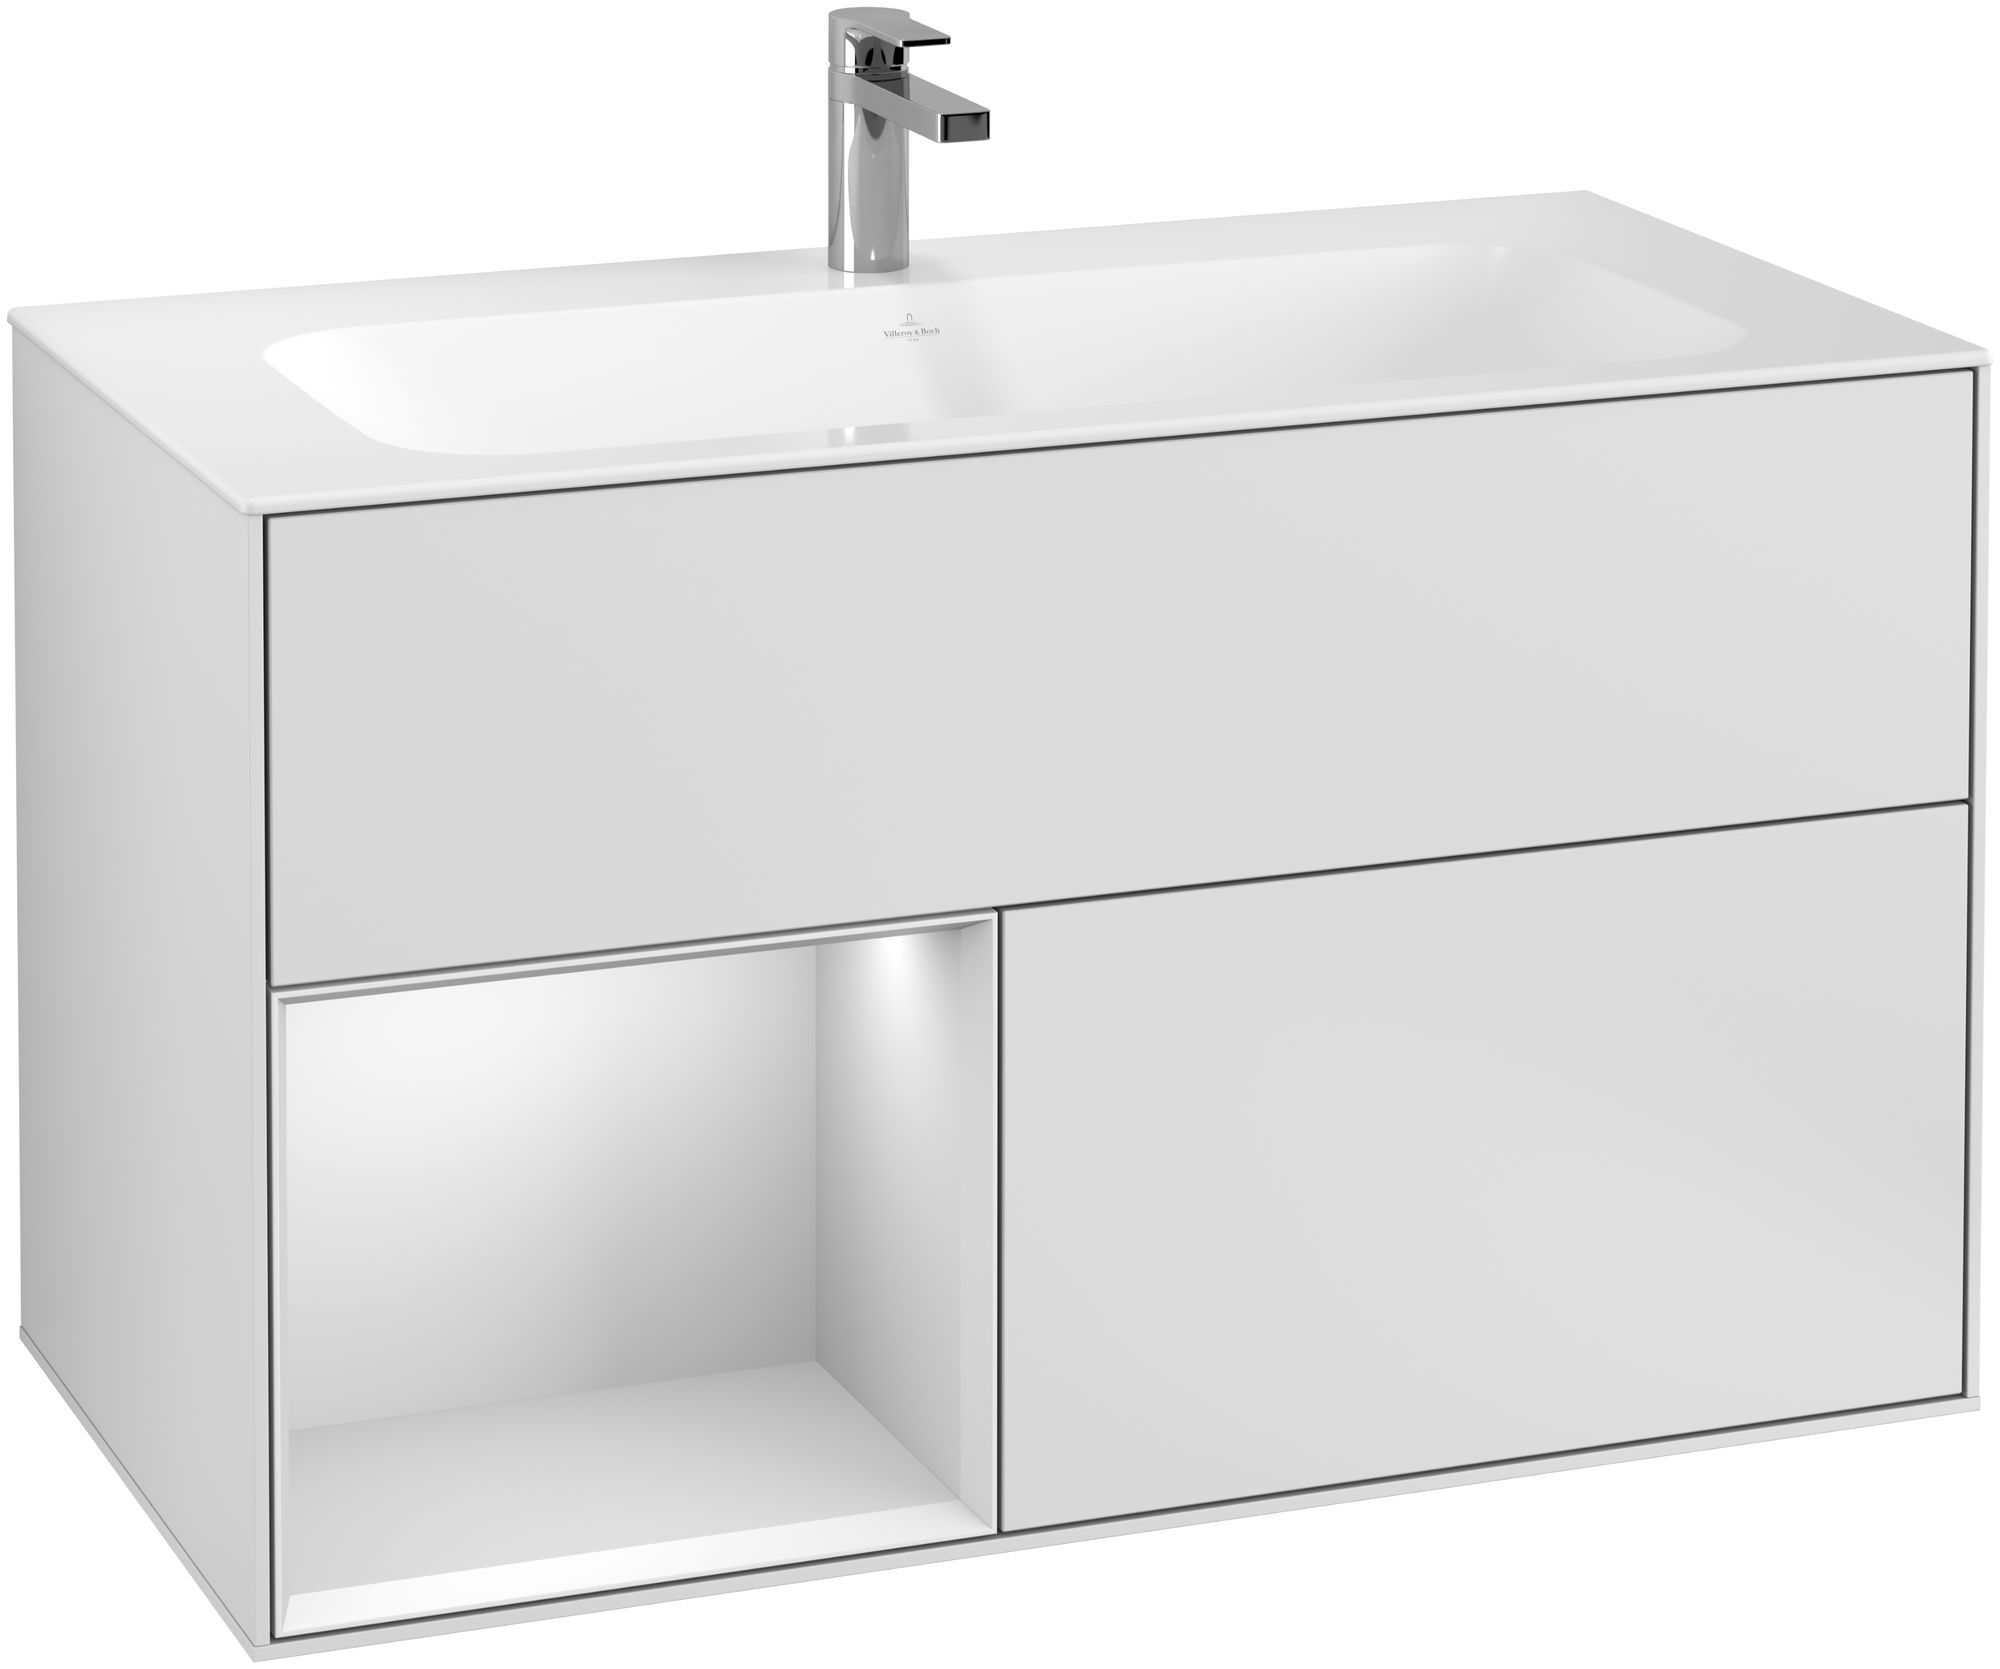 Villeroy & Boch Finion G03 Waschtischunterschrank mit Regalelement 2 Auszüge LED-Beleuchtung B:99,6xH:59,1xT:49,8cm Front, Korpus: Weiß Matt Soft Grey G030MTMT